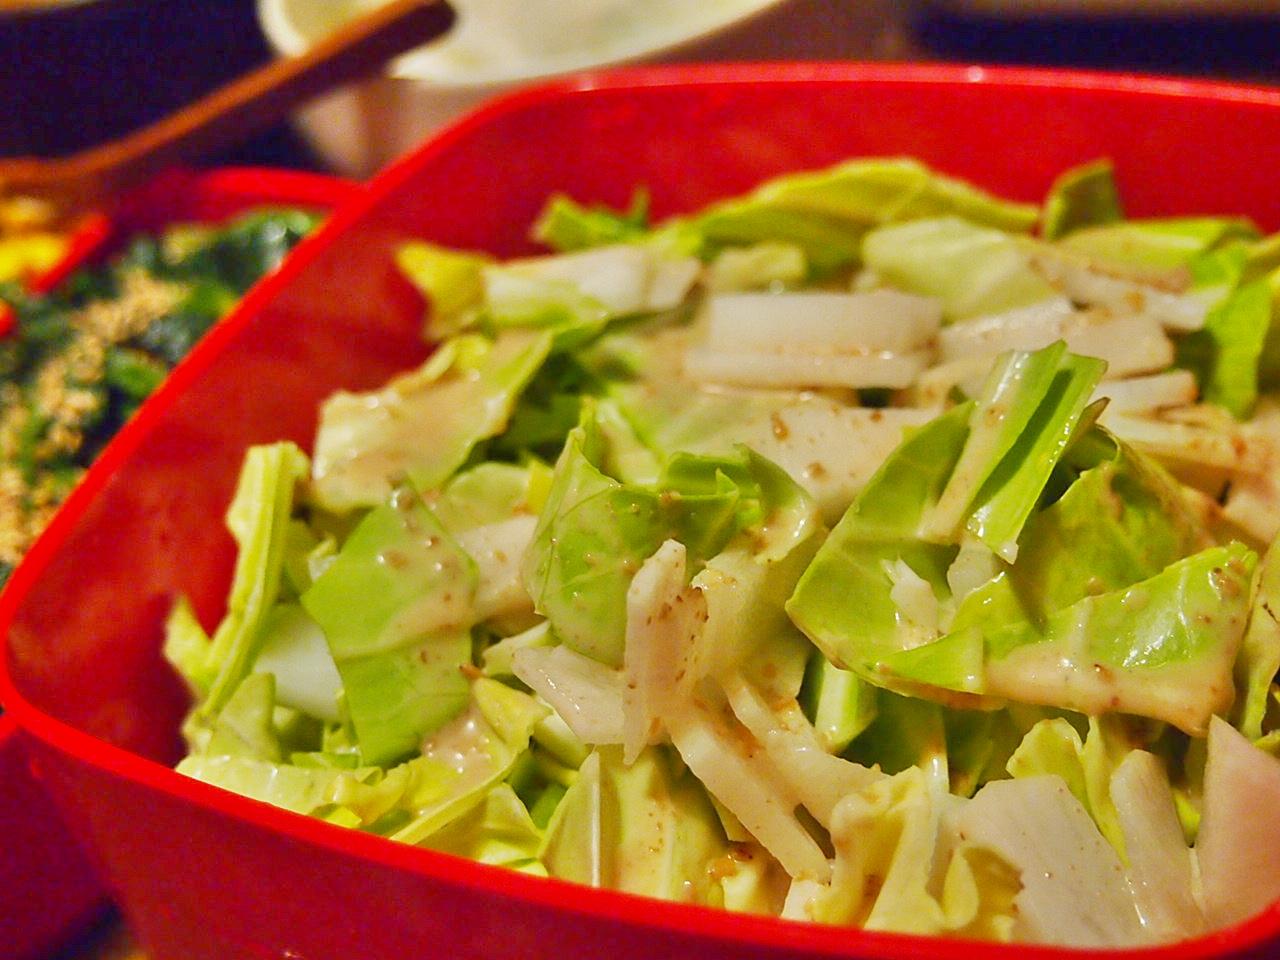 キャベツゴマドレッシングサラダ